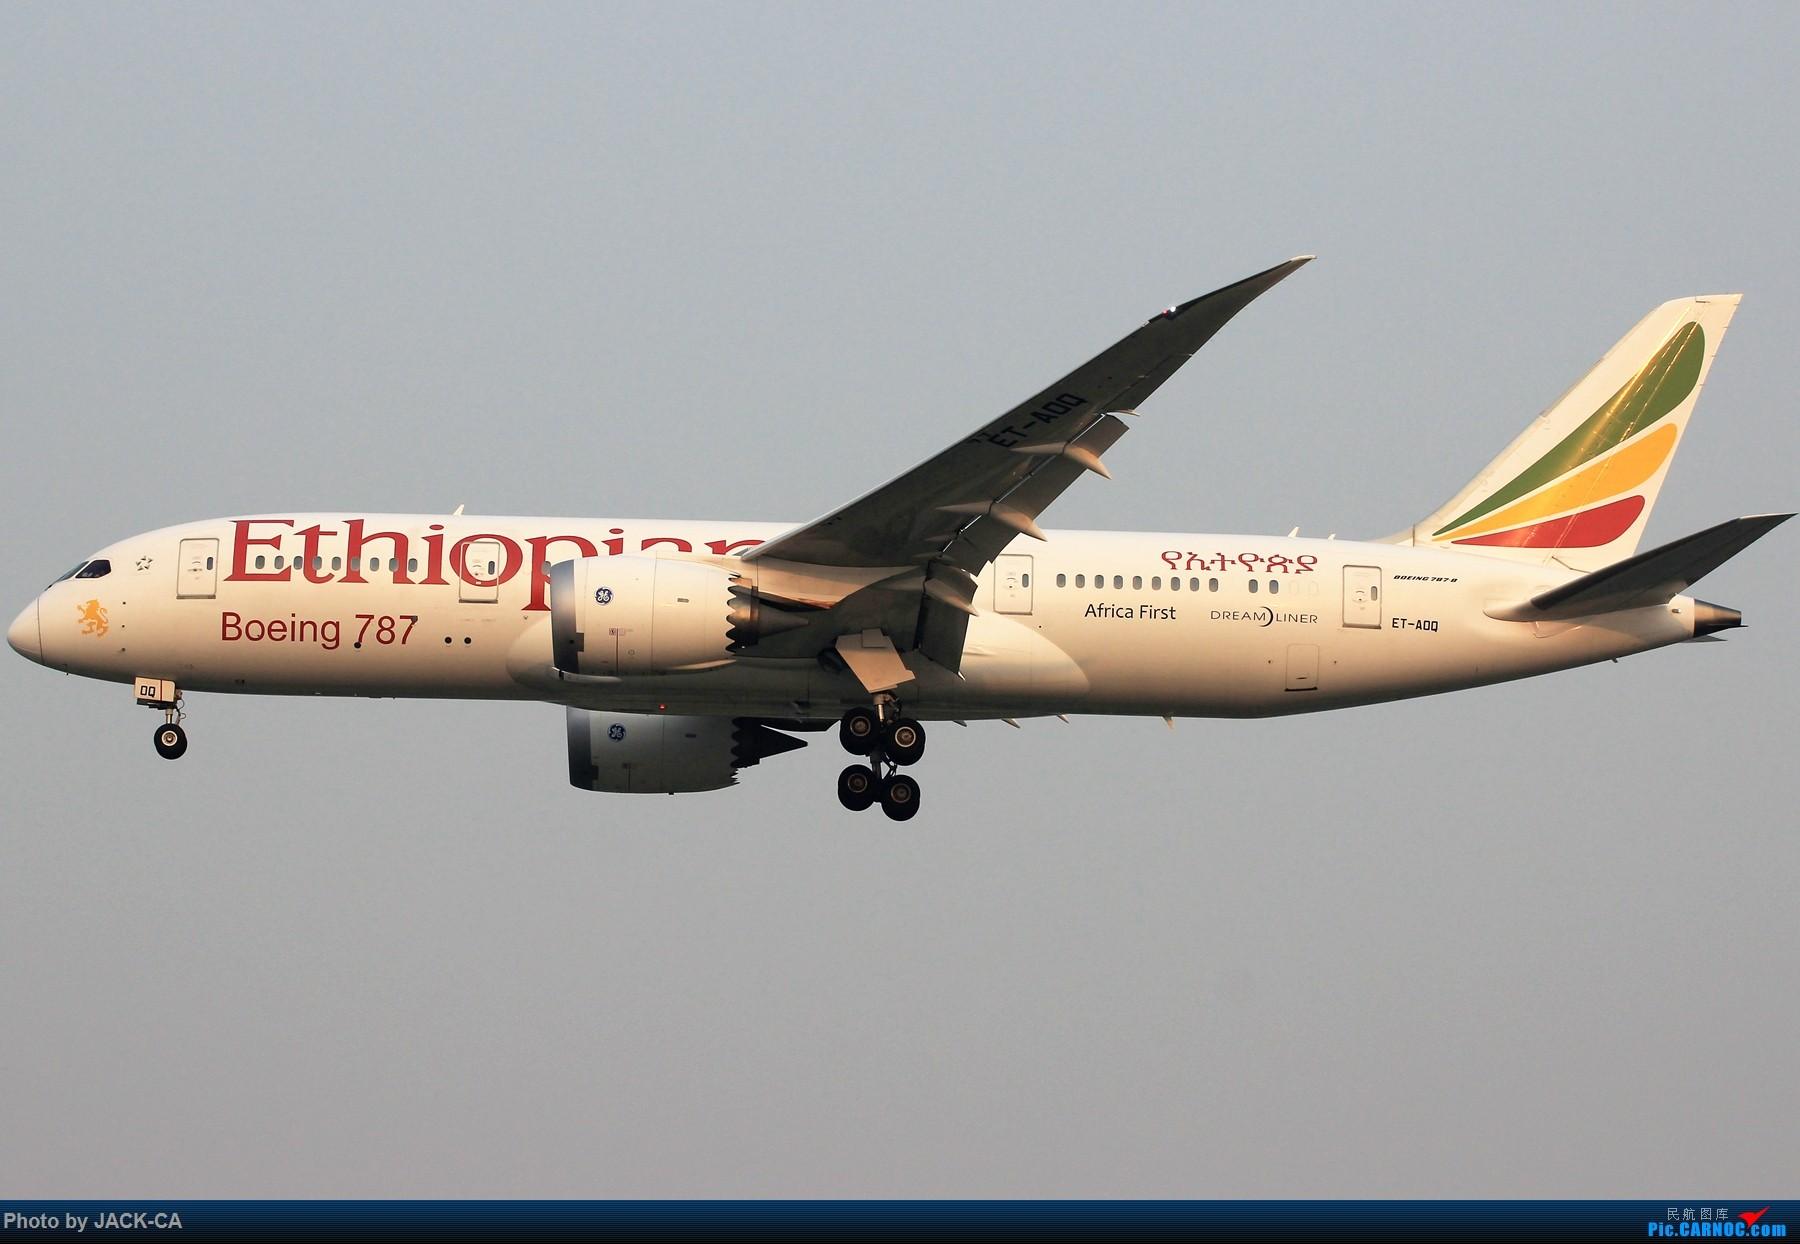 Re:[原创]【组图】盘点在北京通航787的公司都有哪些 1800*1200 BOEING 787-8 ET-AOQ 中国北京首都国际机场